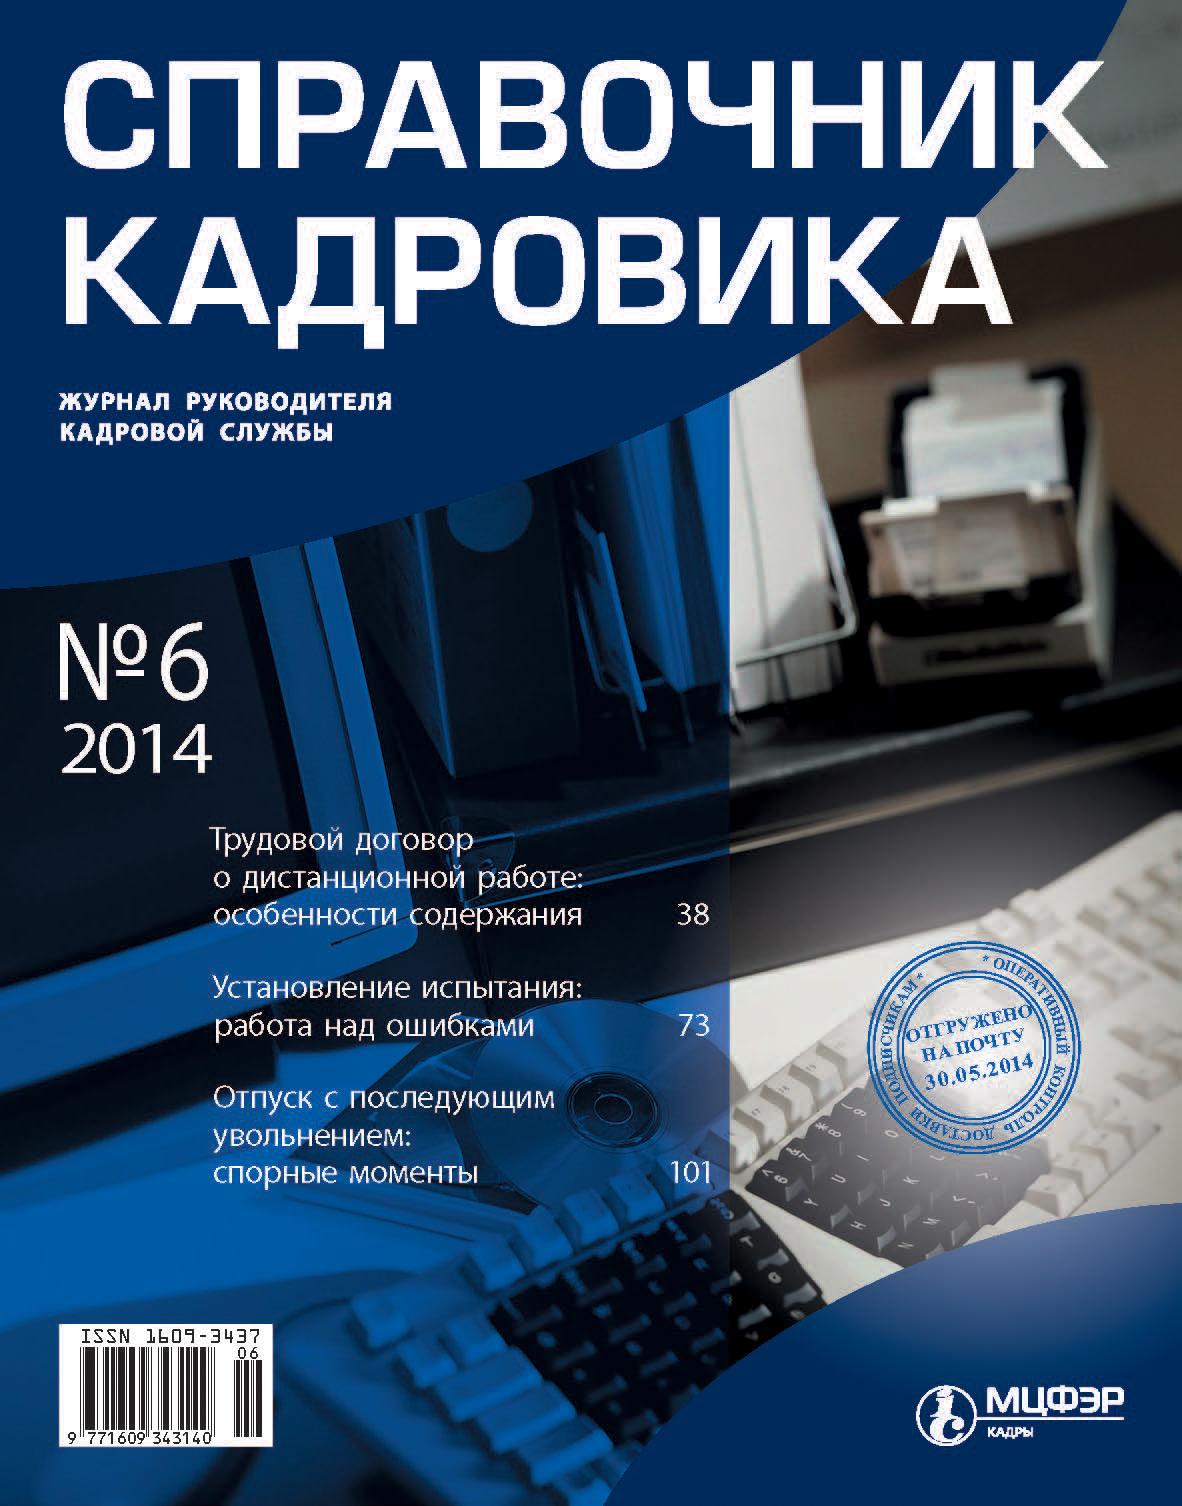 Справочник кадровика № 6 2014